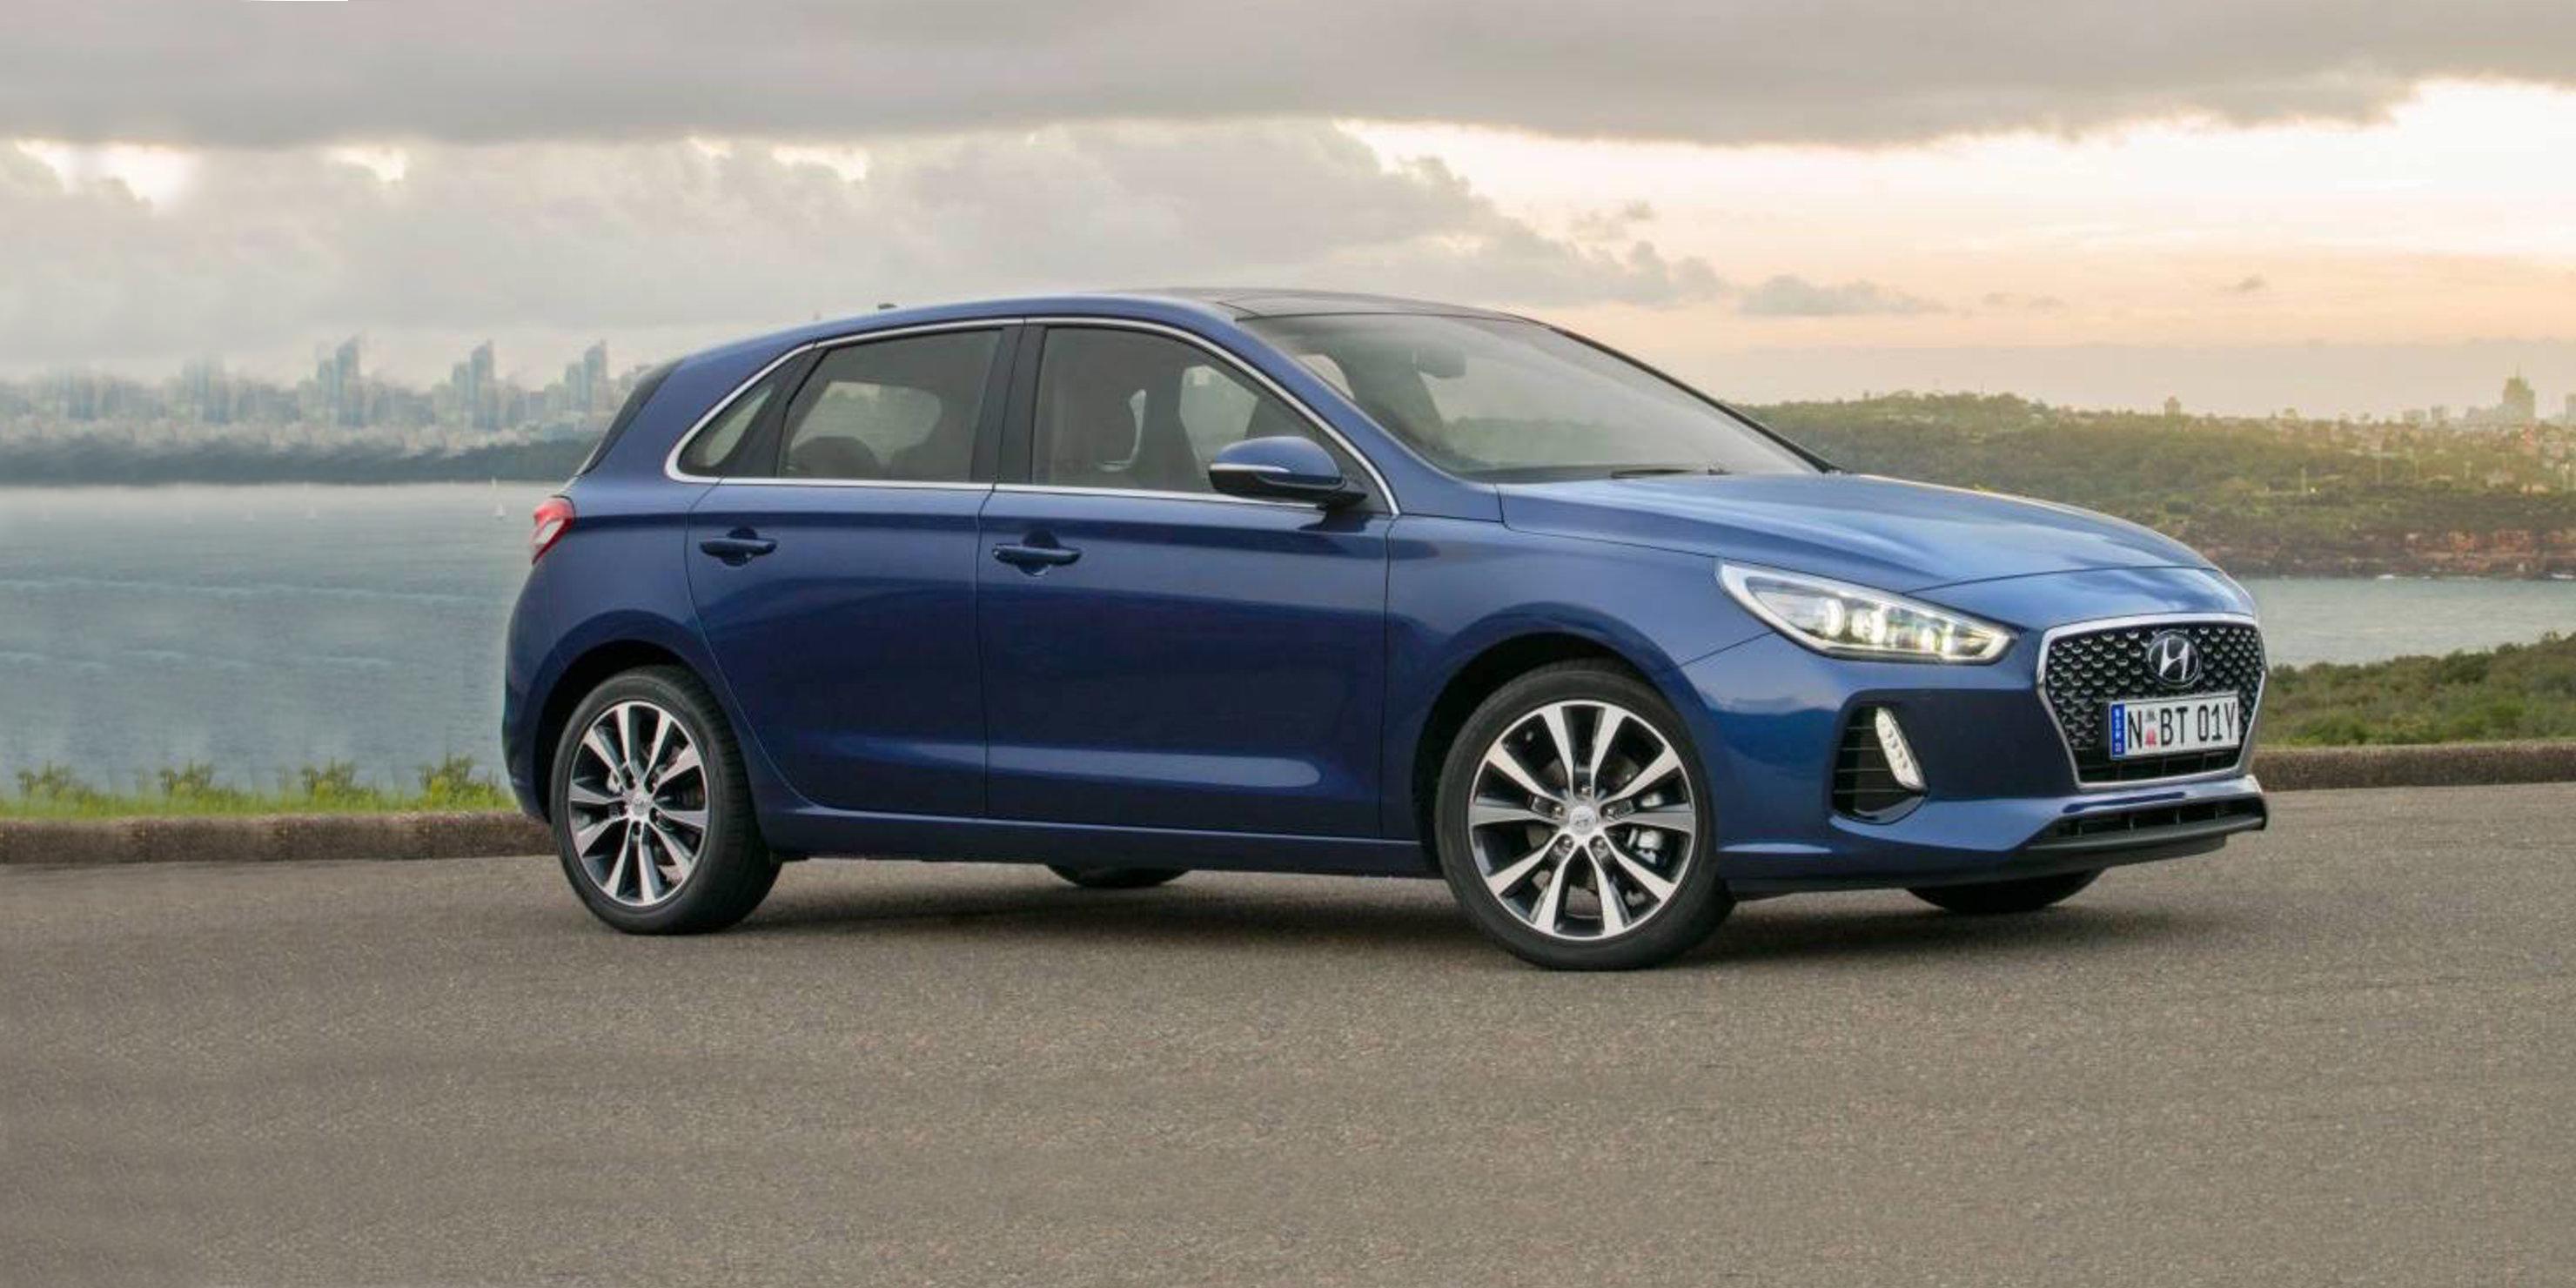 Fantastic 2017 Hyundai I30 Elite Review  CarAdvice